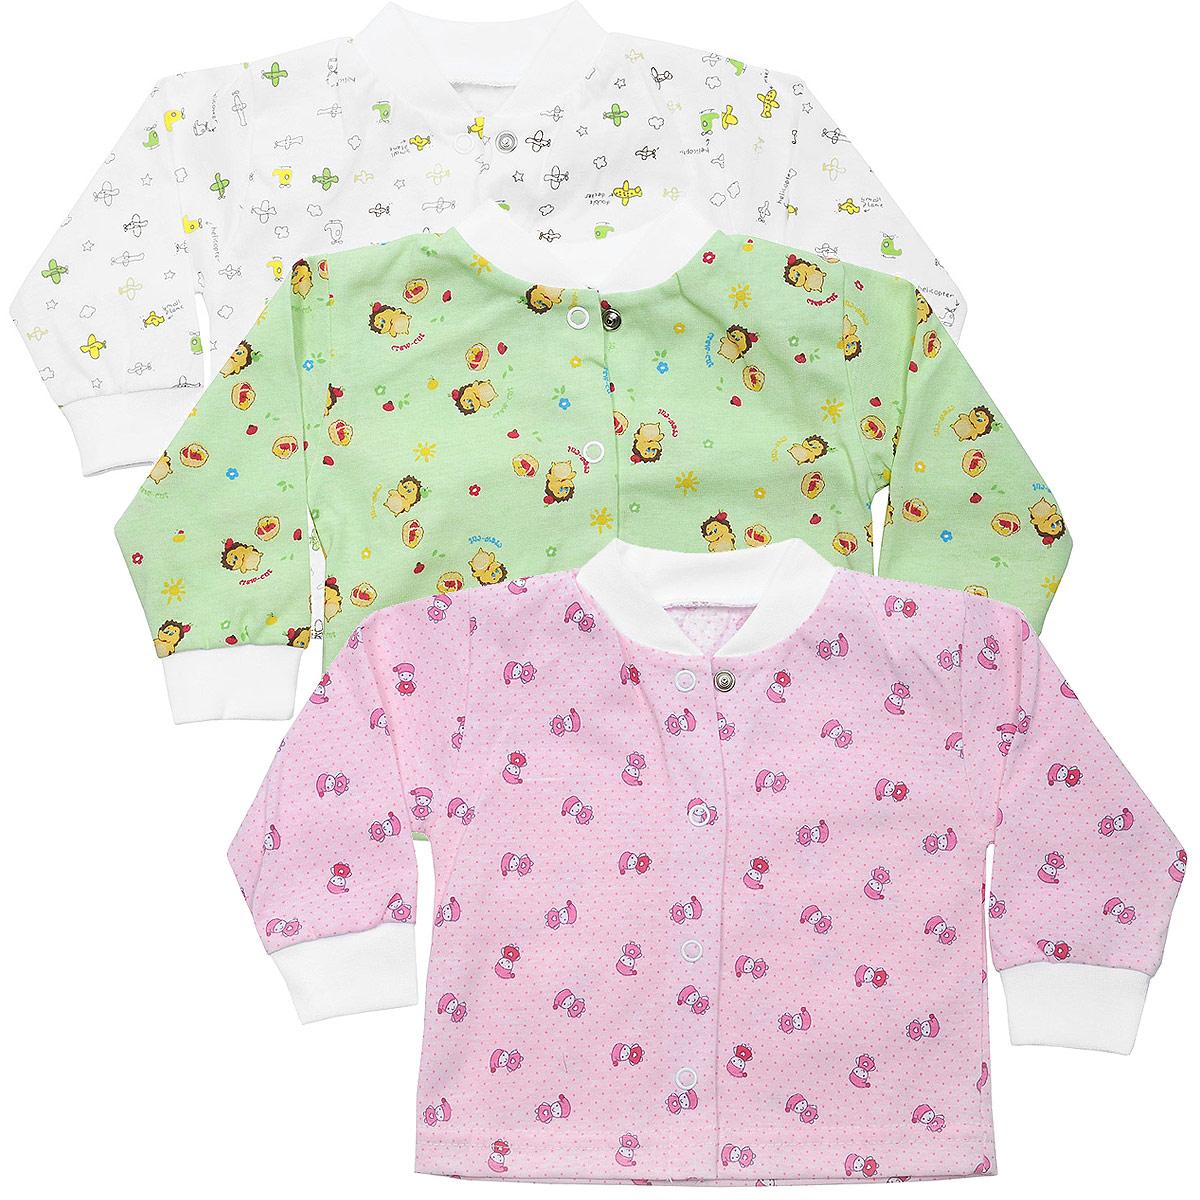 Комплект кофточек для девочки, 3 шт. 10-201д10-201дКомплект Фреш Стайл состоит из трех кофточек для девочки разных цветов с забавными рисунками. Выполненные из натурального хлопка, они необычайно мягкие и приятные на ощупь, не раздражают нежную кожу ребенка и хорошо вентилируются. Кофточки с длинными рукавами и воротником-стойкой застегиваются спереди на кнопки по всей длине, что помогает без проблем переодеть малышку. Оригинальное сочетание тканей и забавный рисунок делают этот предмет детской одежды оригинальным и стильным. УВАЖАЕМЫЕ КЛИЕНТЫ! Обращаем ваше внимание на возможные изменения в дизайне, связанные с ассортиментом продукции: рисунок и цветовая гамма могут отличаться от представленного на изображении. Возможные варианты рисунков и цветов представлены на отдельном изображении фрагментом ткани.